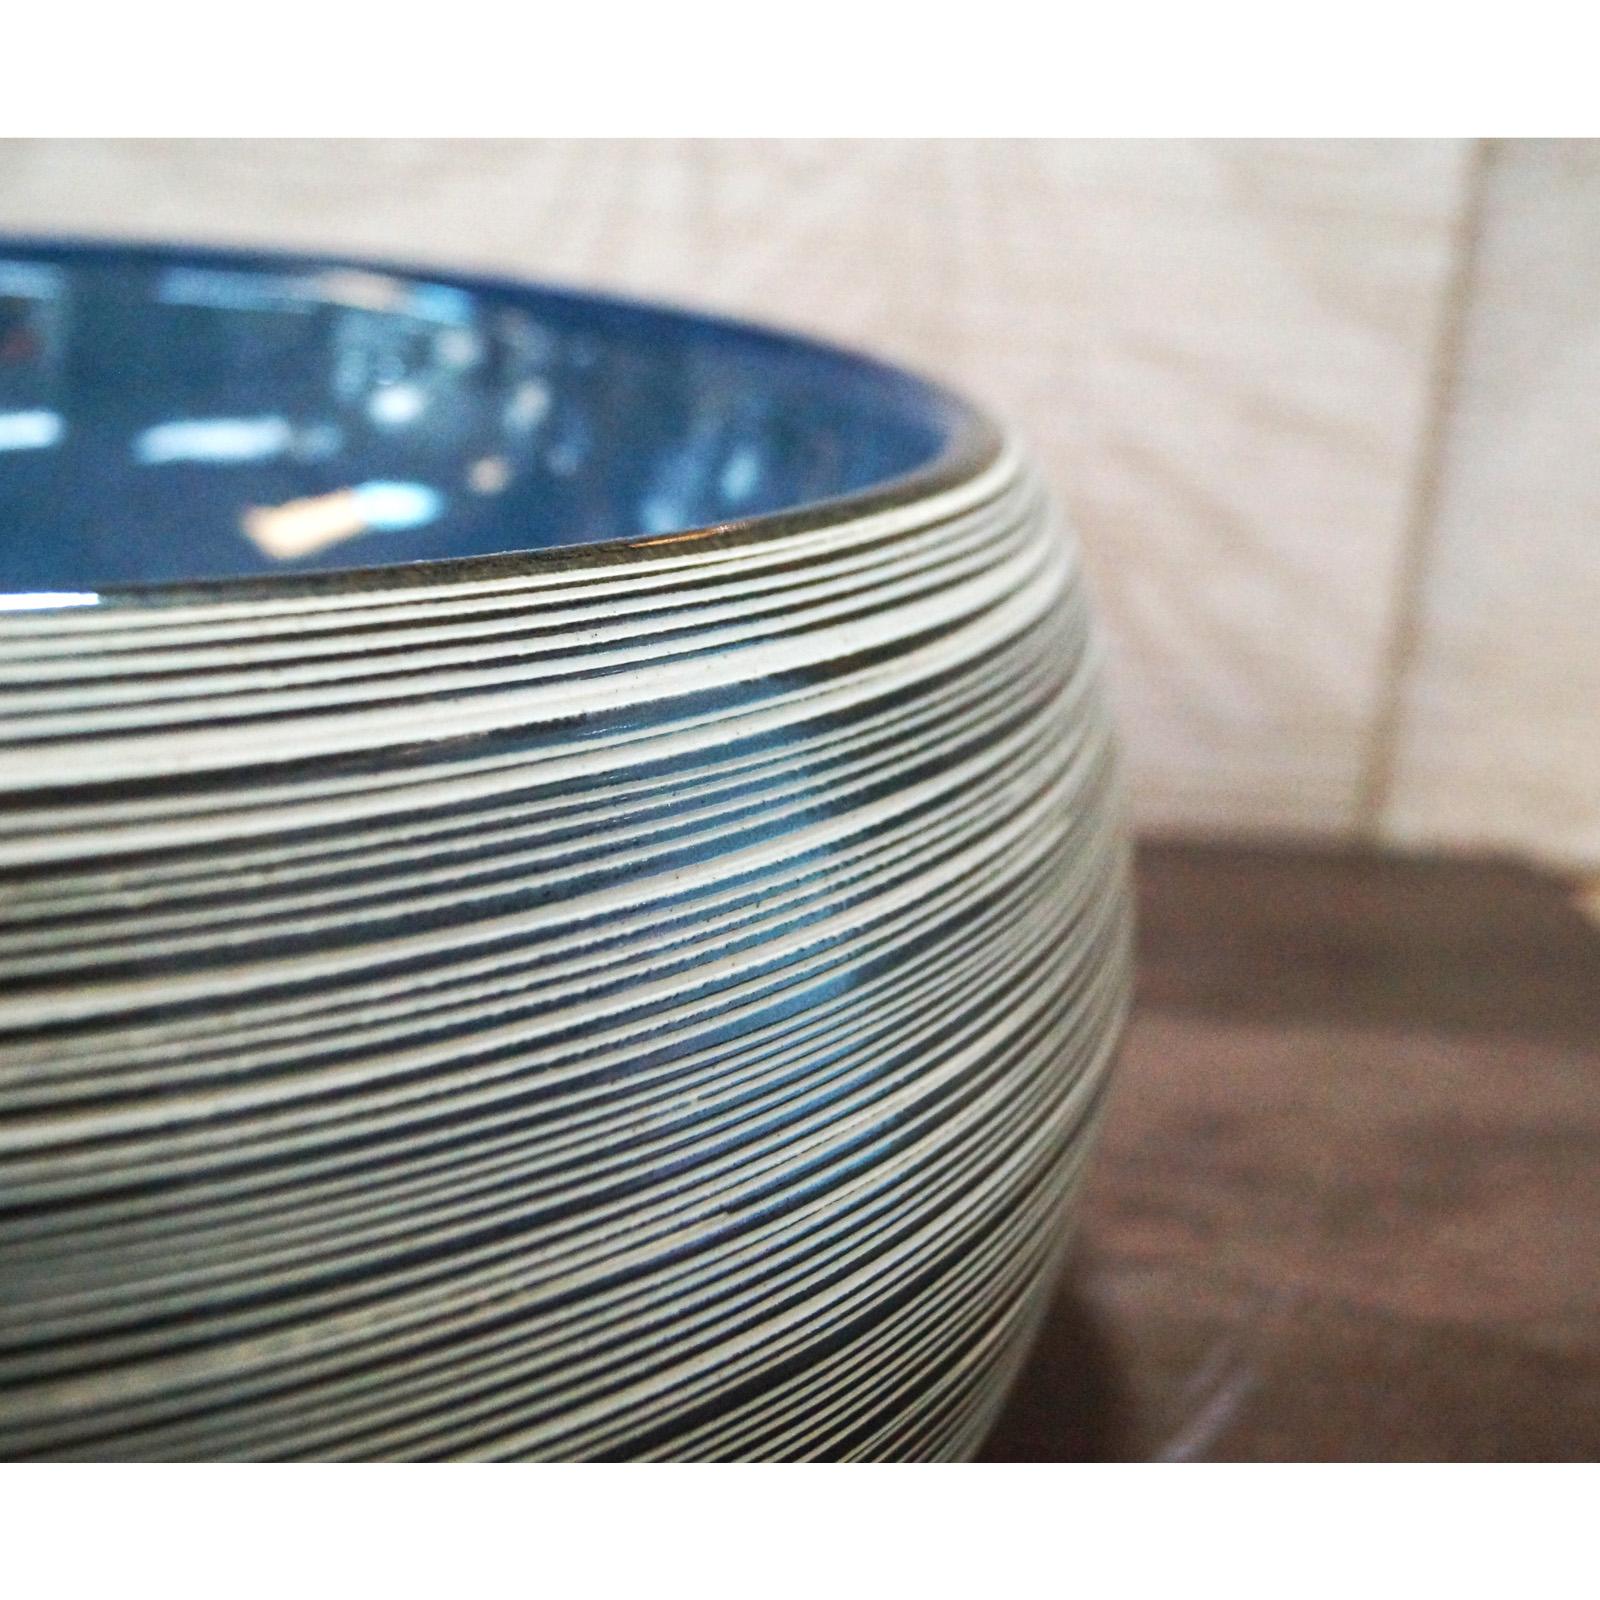 Lavabo de cerámica - color azul, textura de superficie